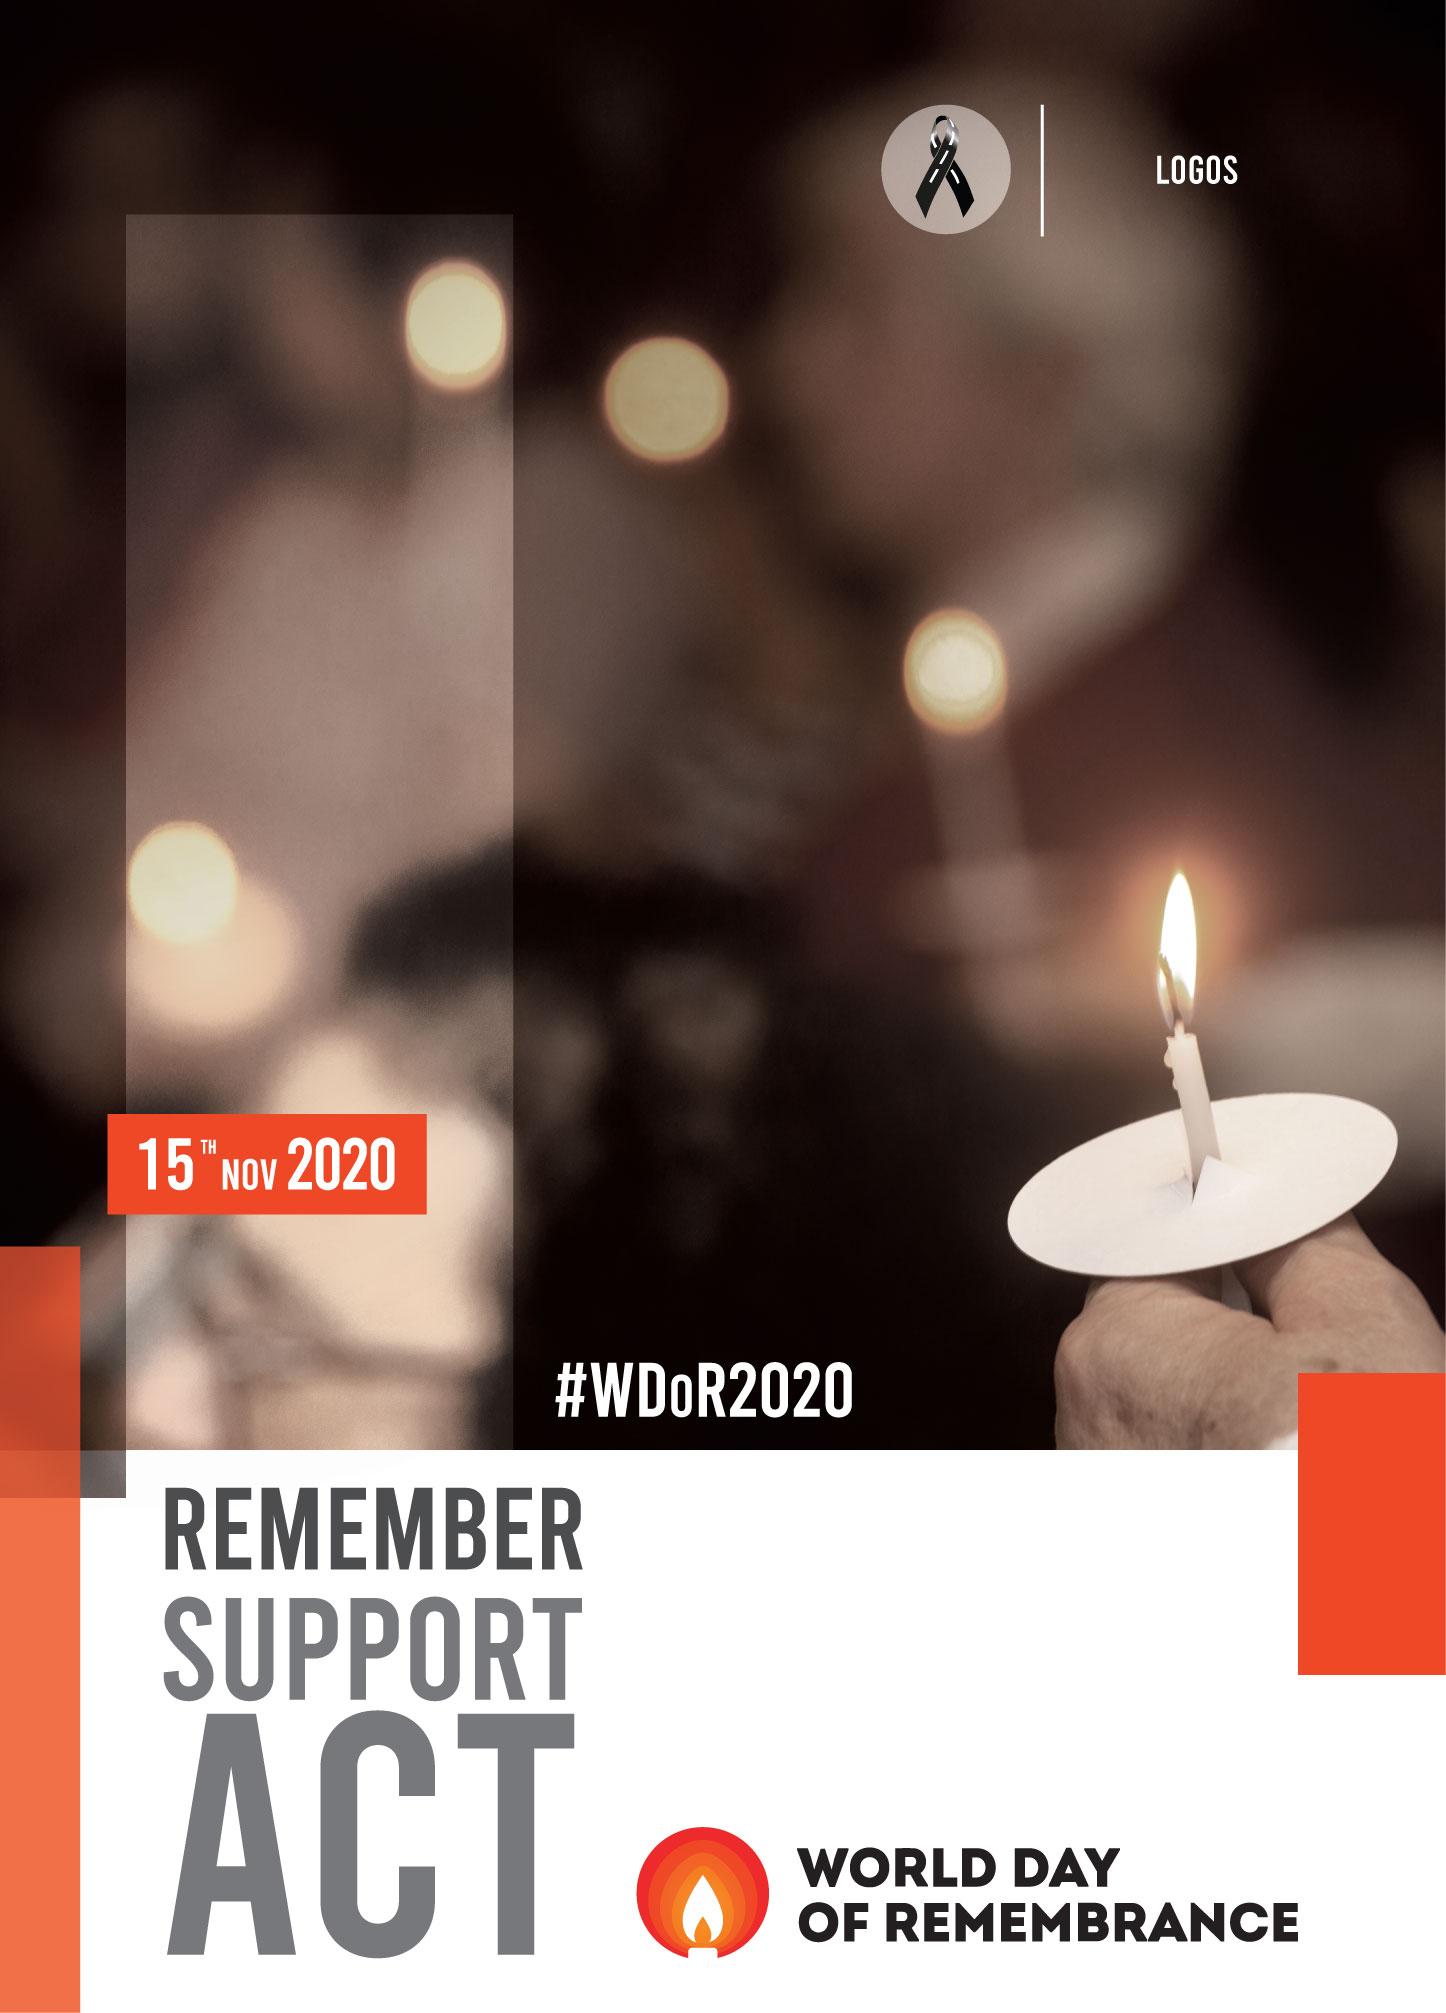 Poster_WDR_2020_50x70cm_LOGOS